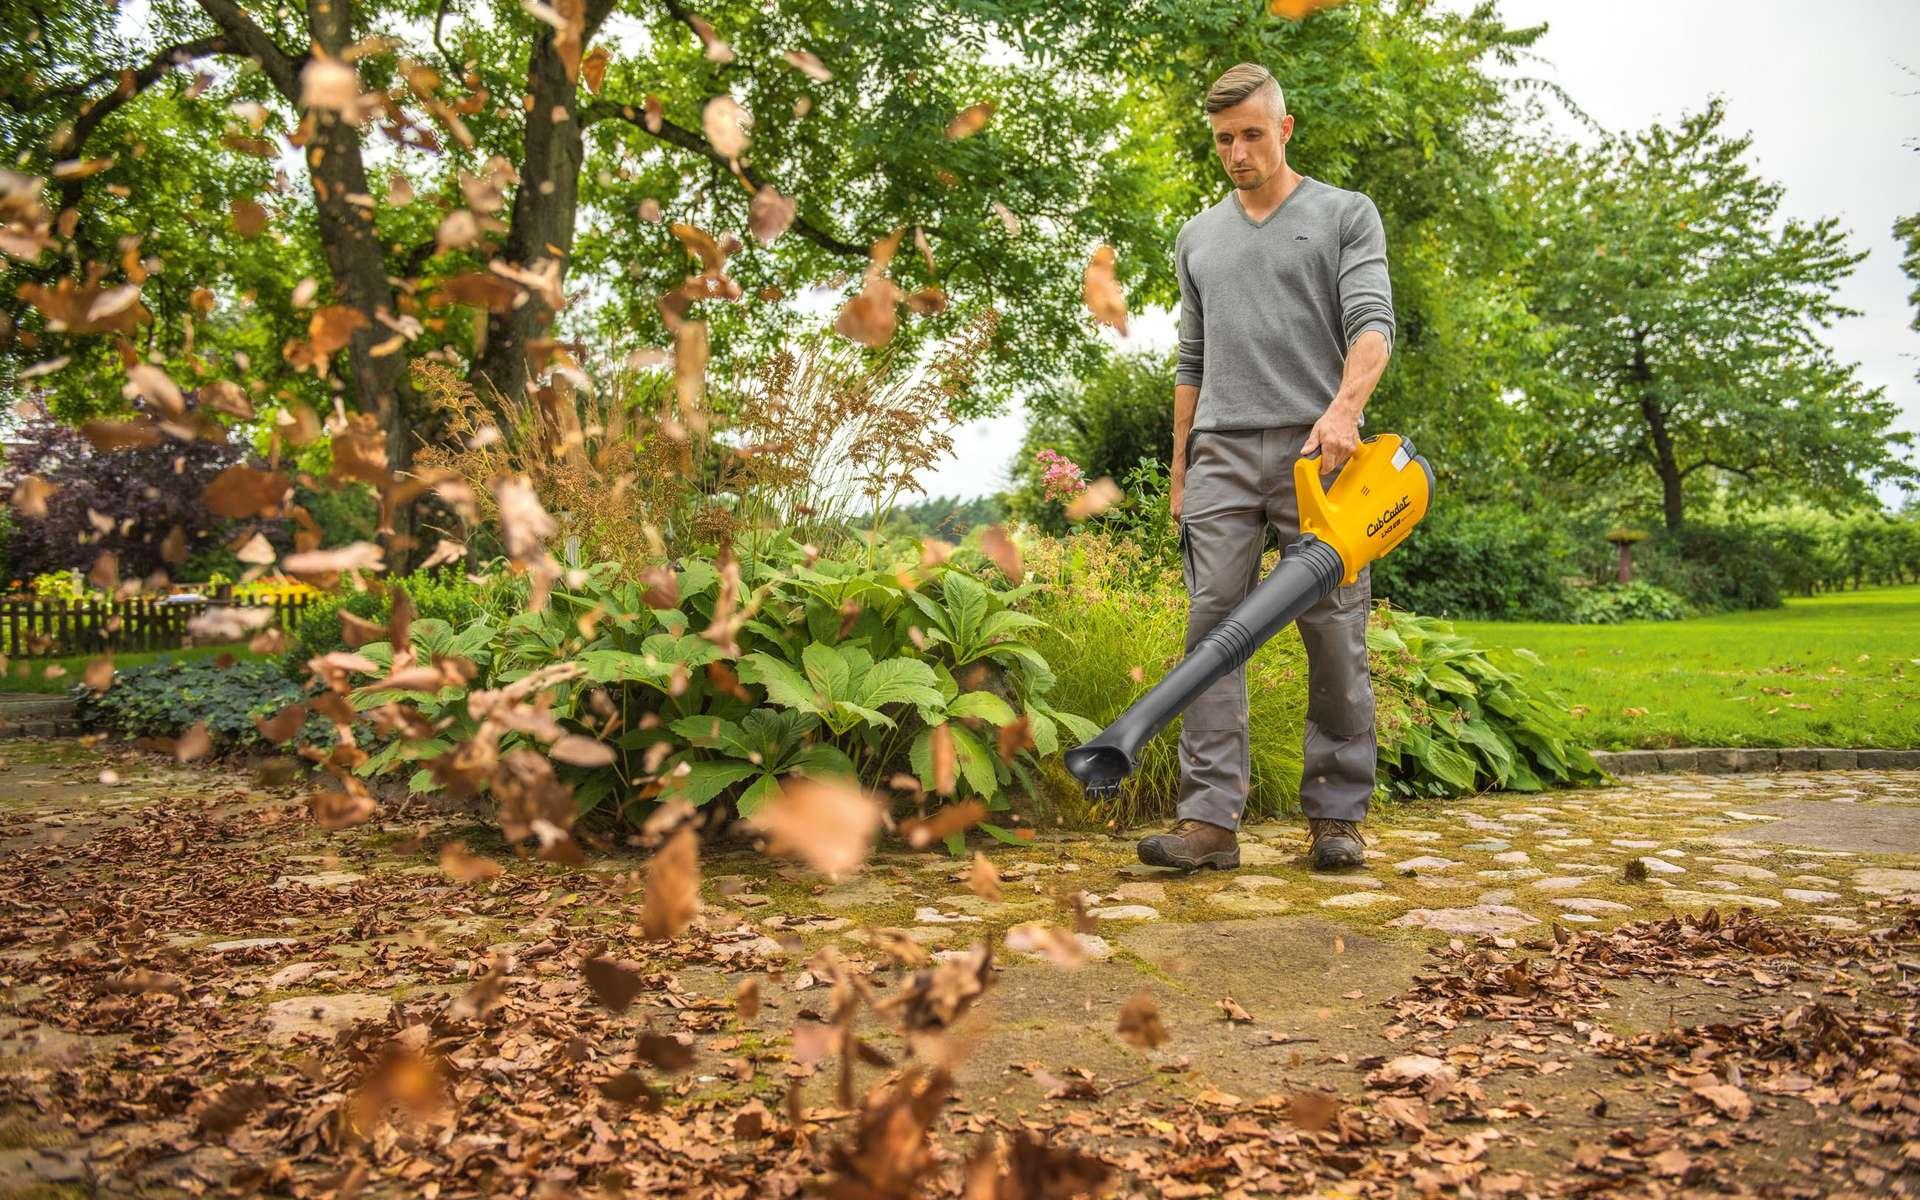 Entretenir son jardin doit être une routine constante afin de le garder en bonne santé. © Cub Cadet